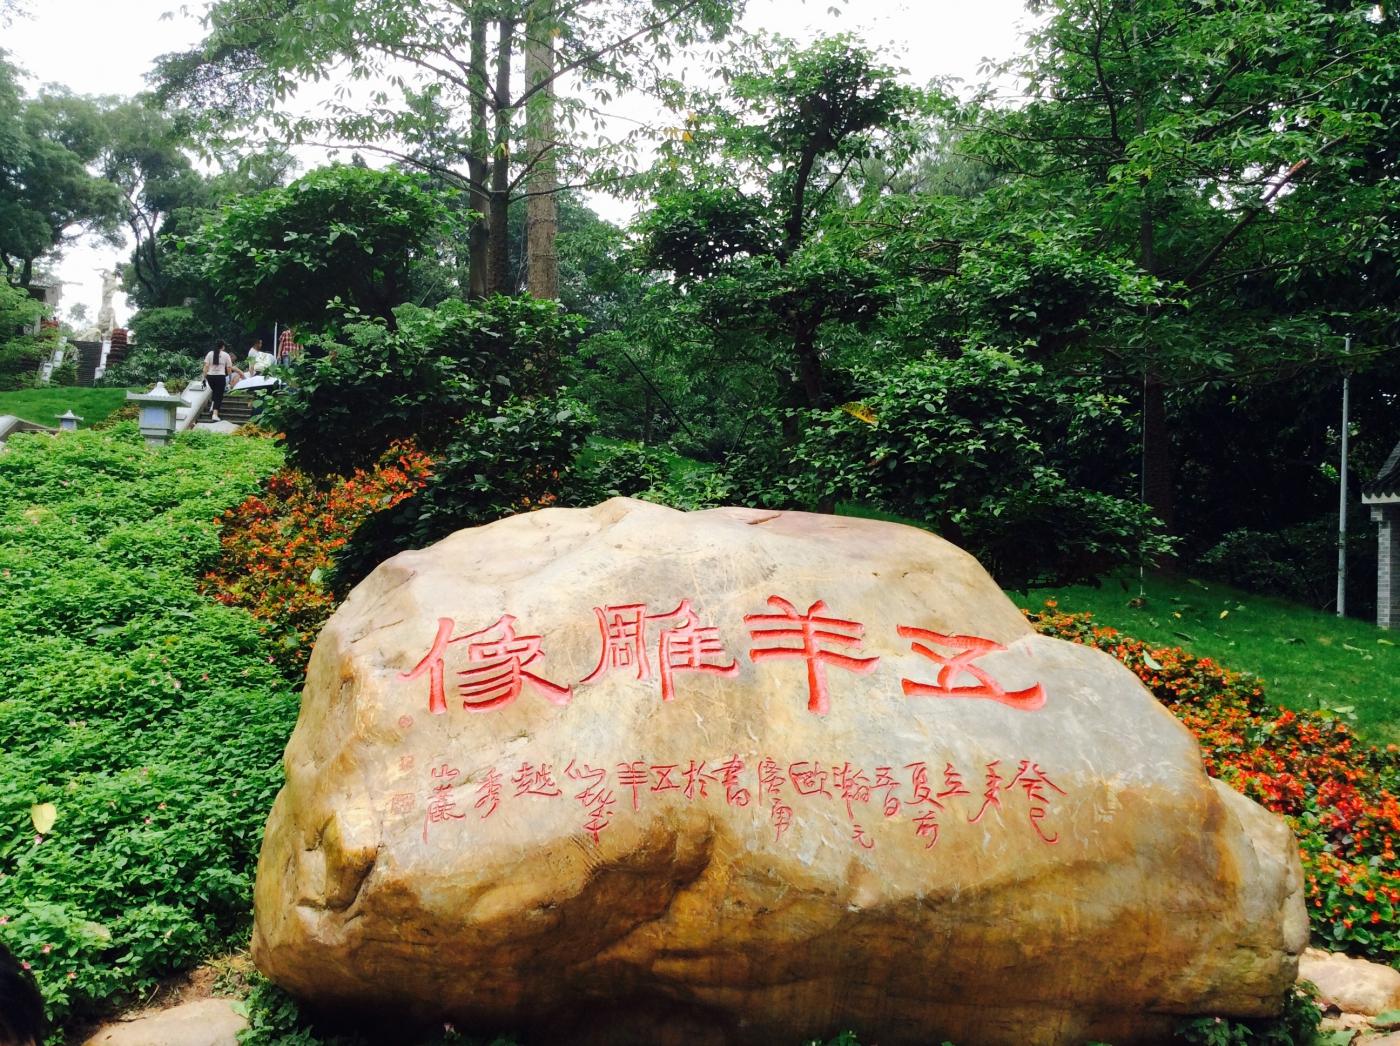 逗留广州_图1-13